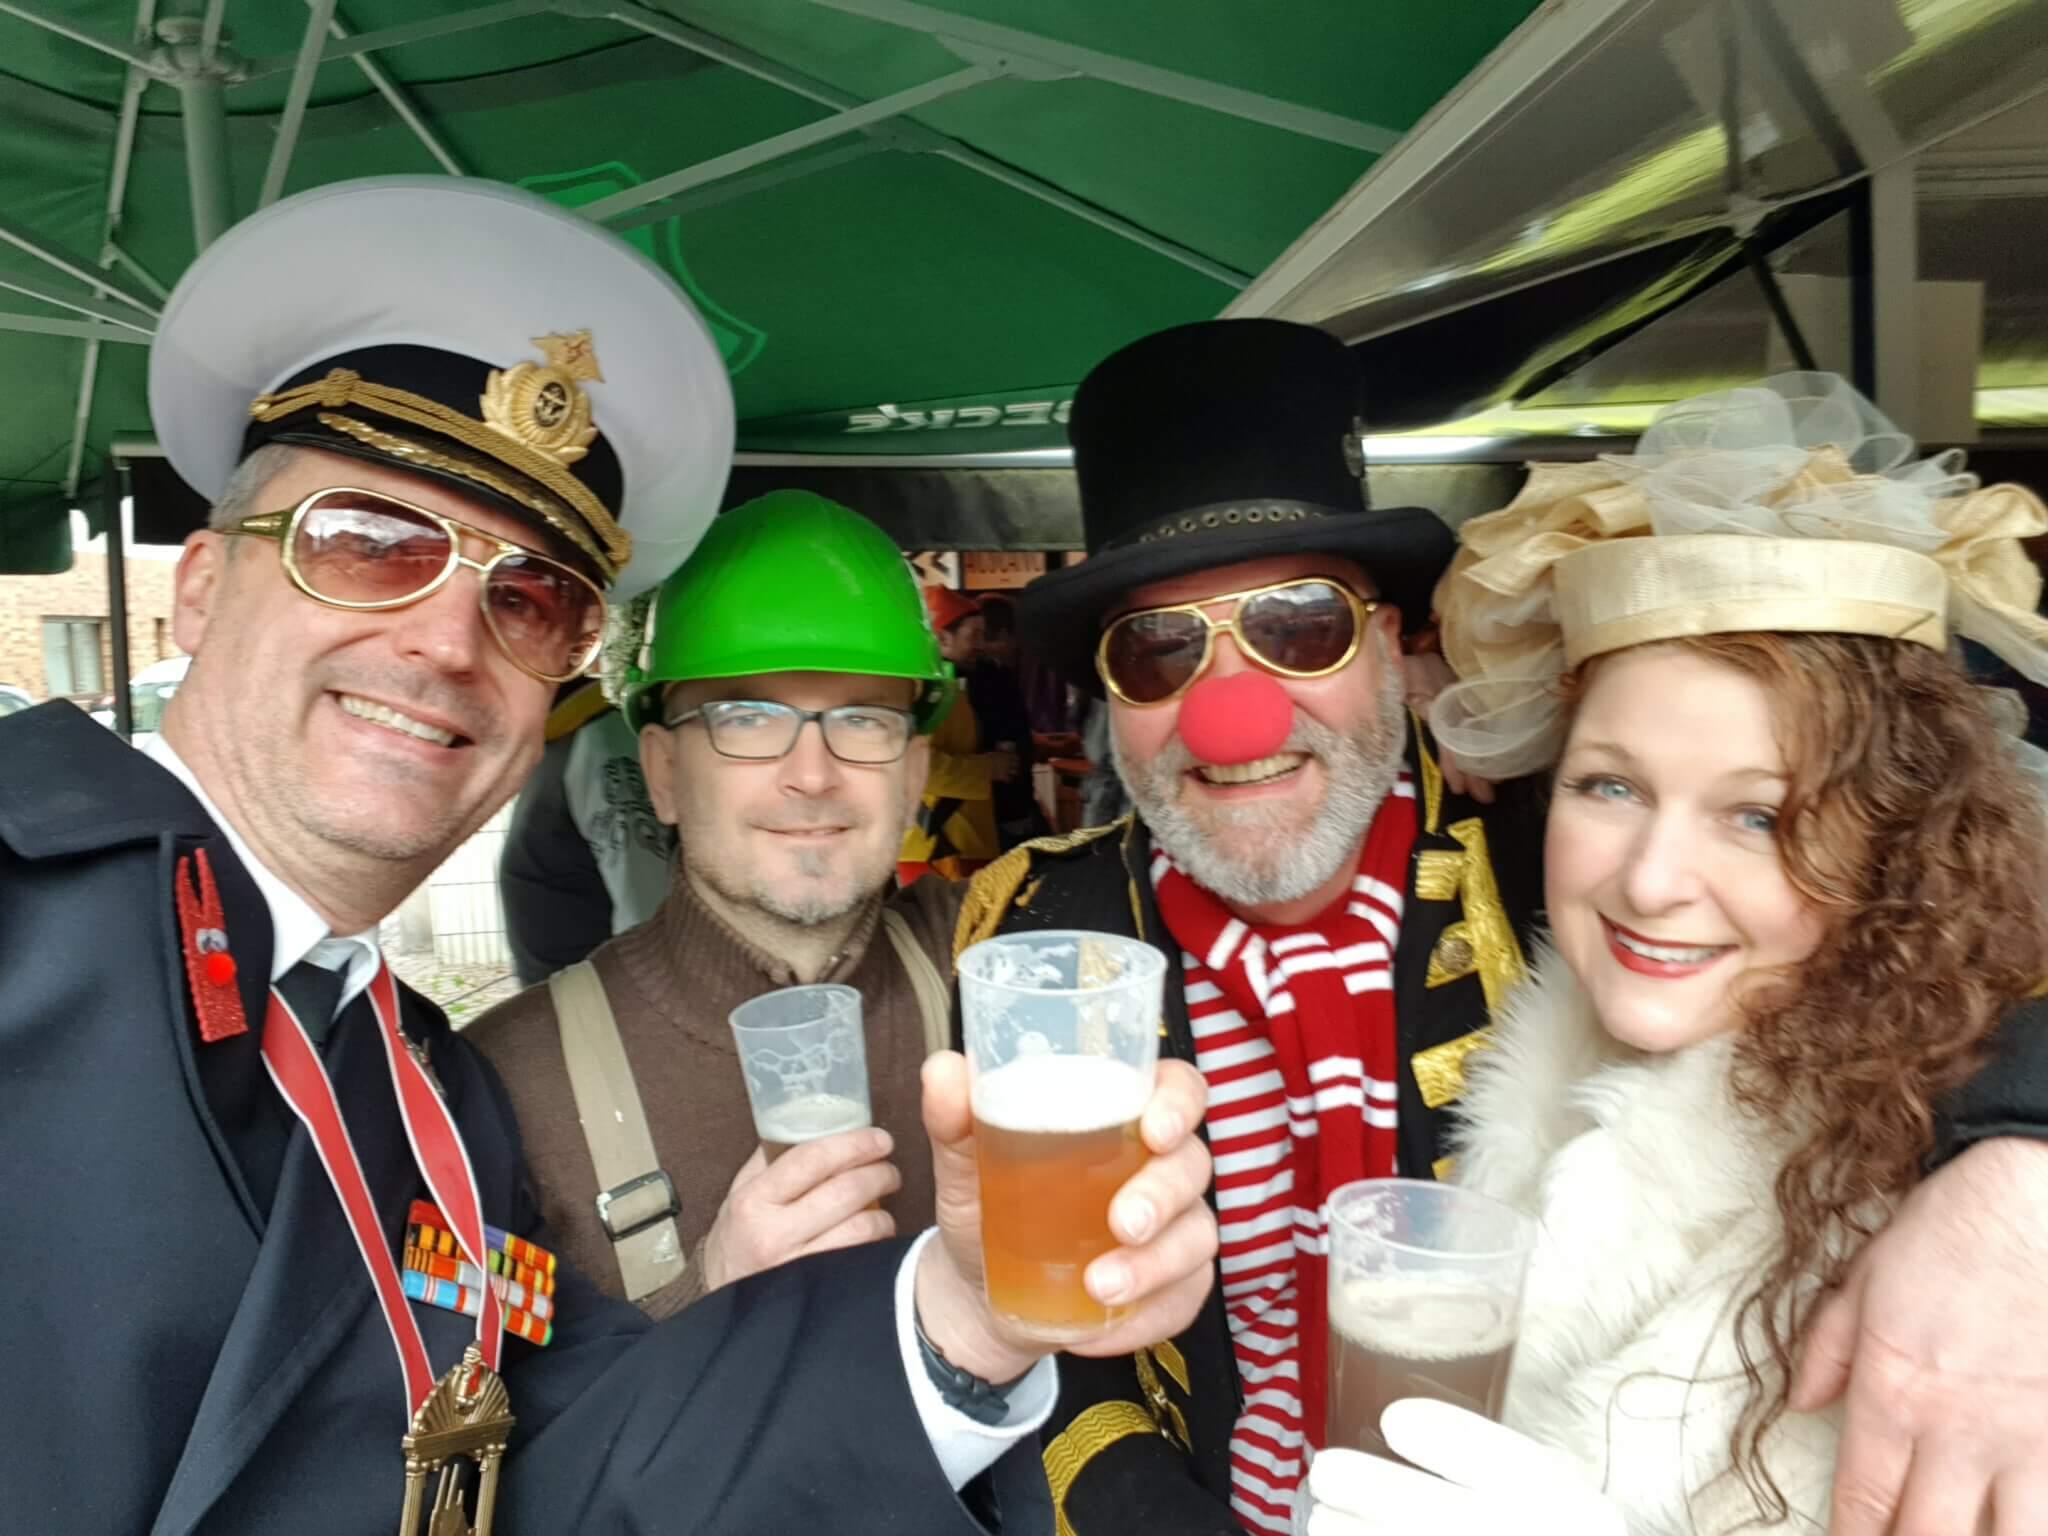 Karneval in Kölle #karnevalzohus